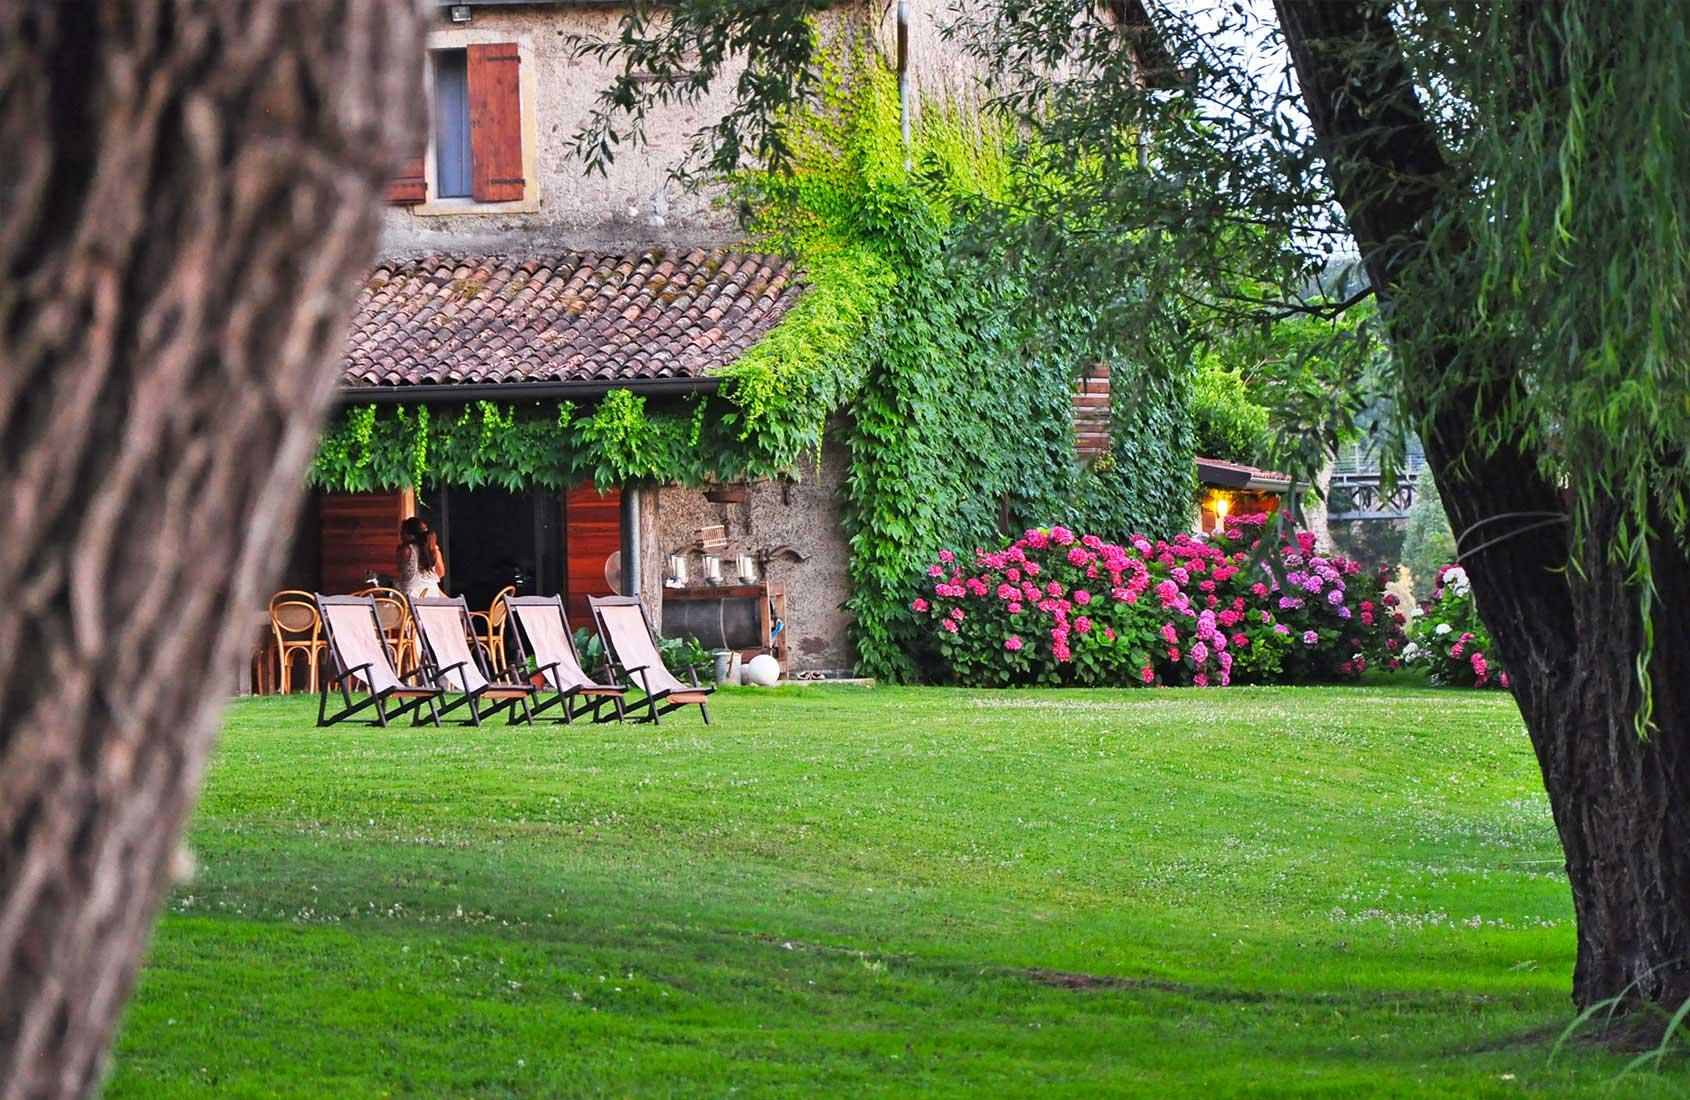 3g green garden group realizzazione giardini spazi verdi - Giardini country ...